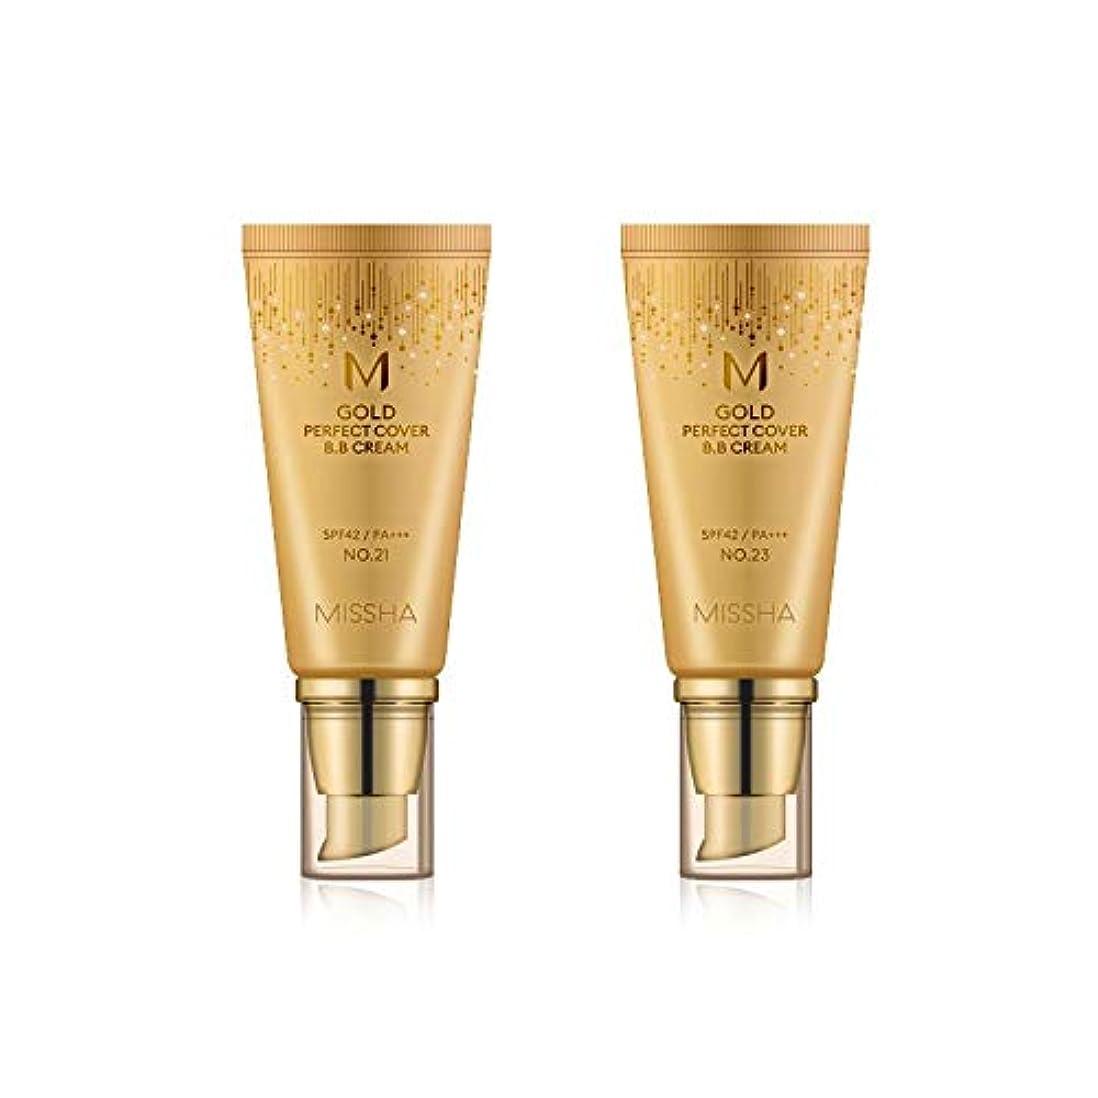 最大化するセンサー手のひらMISSHA Gold Perfecte Cover BB Cream SPF42 PA+++ / ミシャ ゴールド パーフェクト カバー BBクリーム 50ml *NO.23 [並行輸入品]